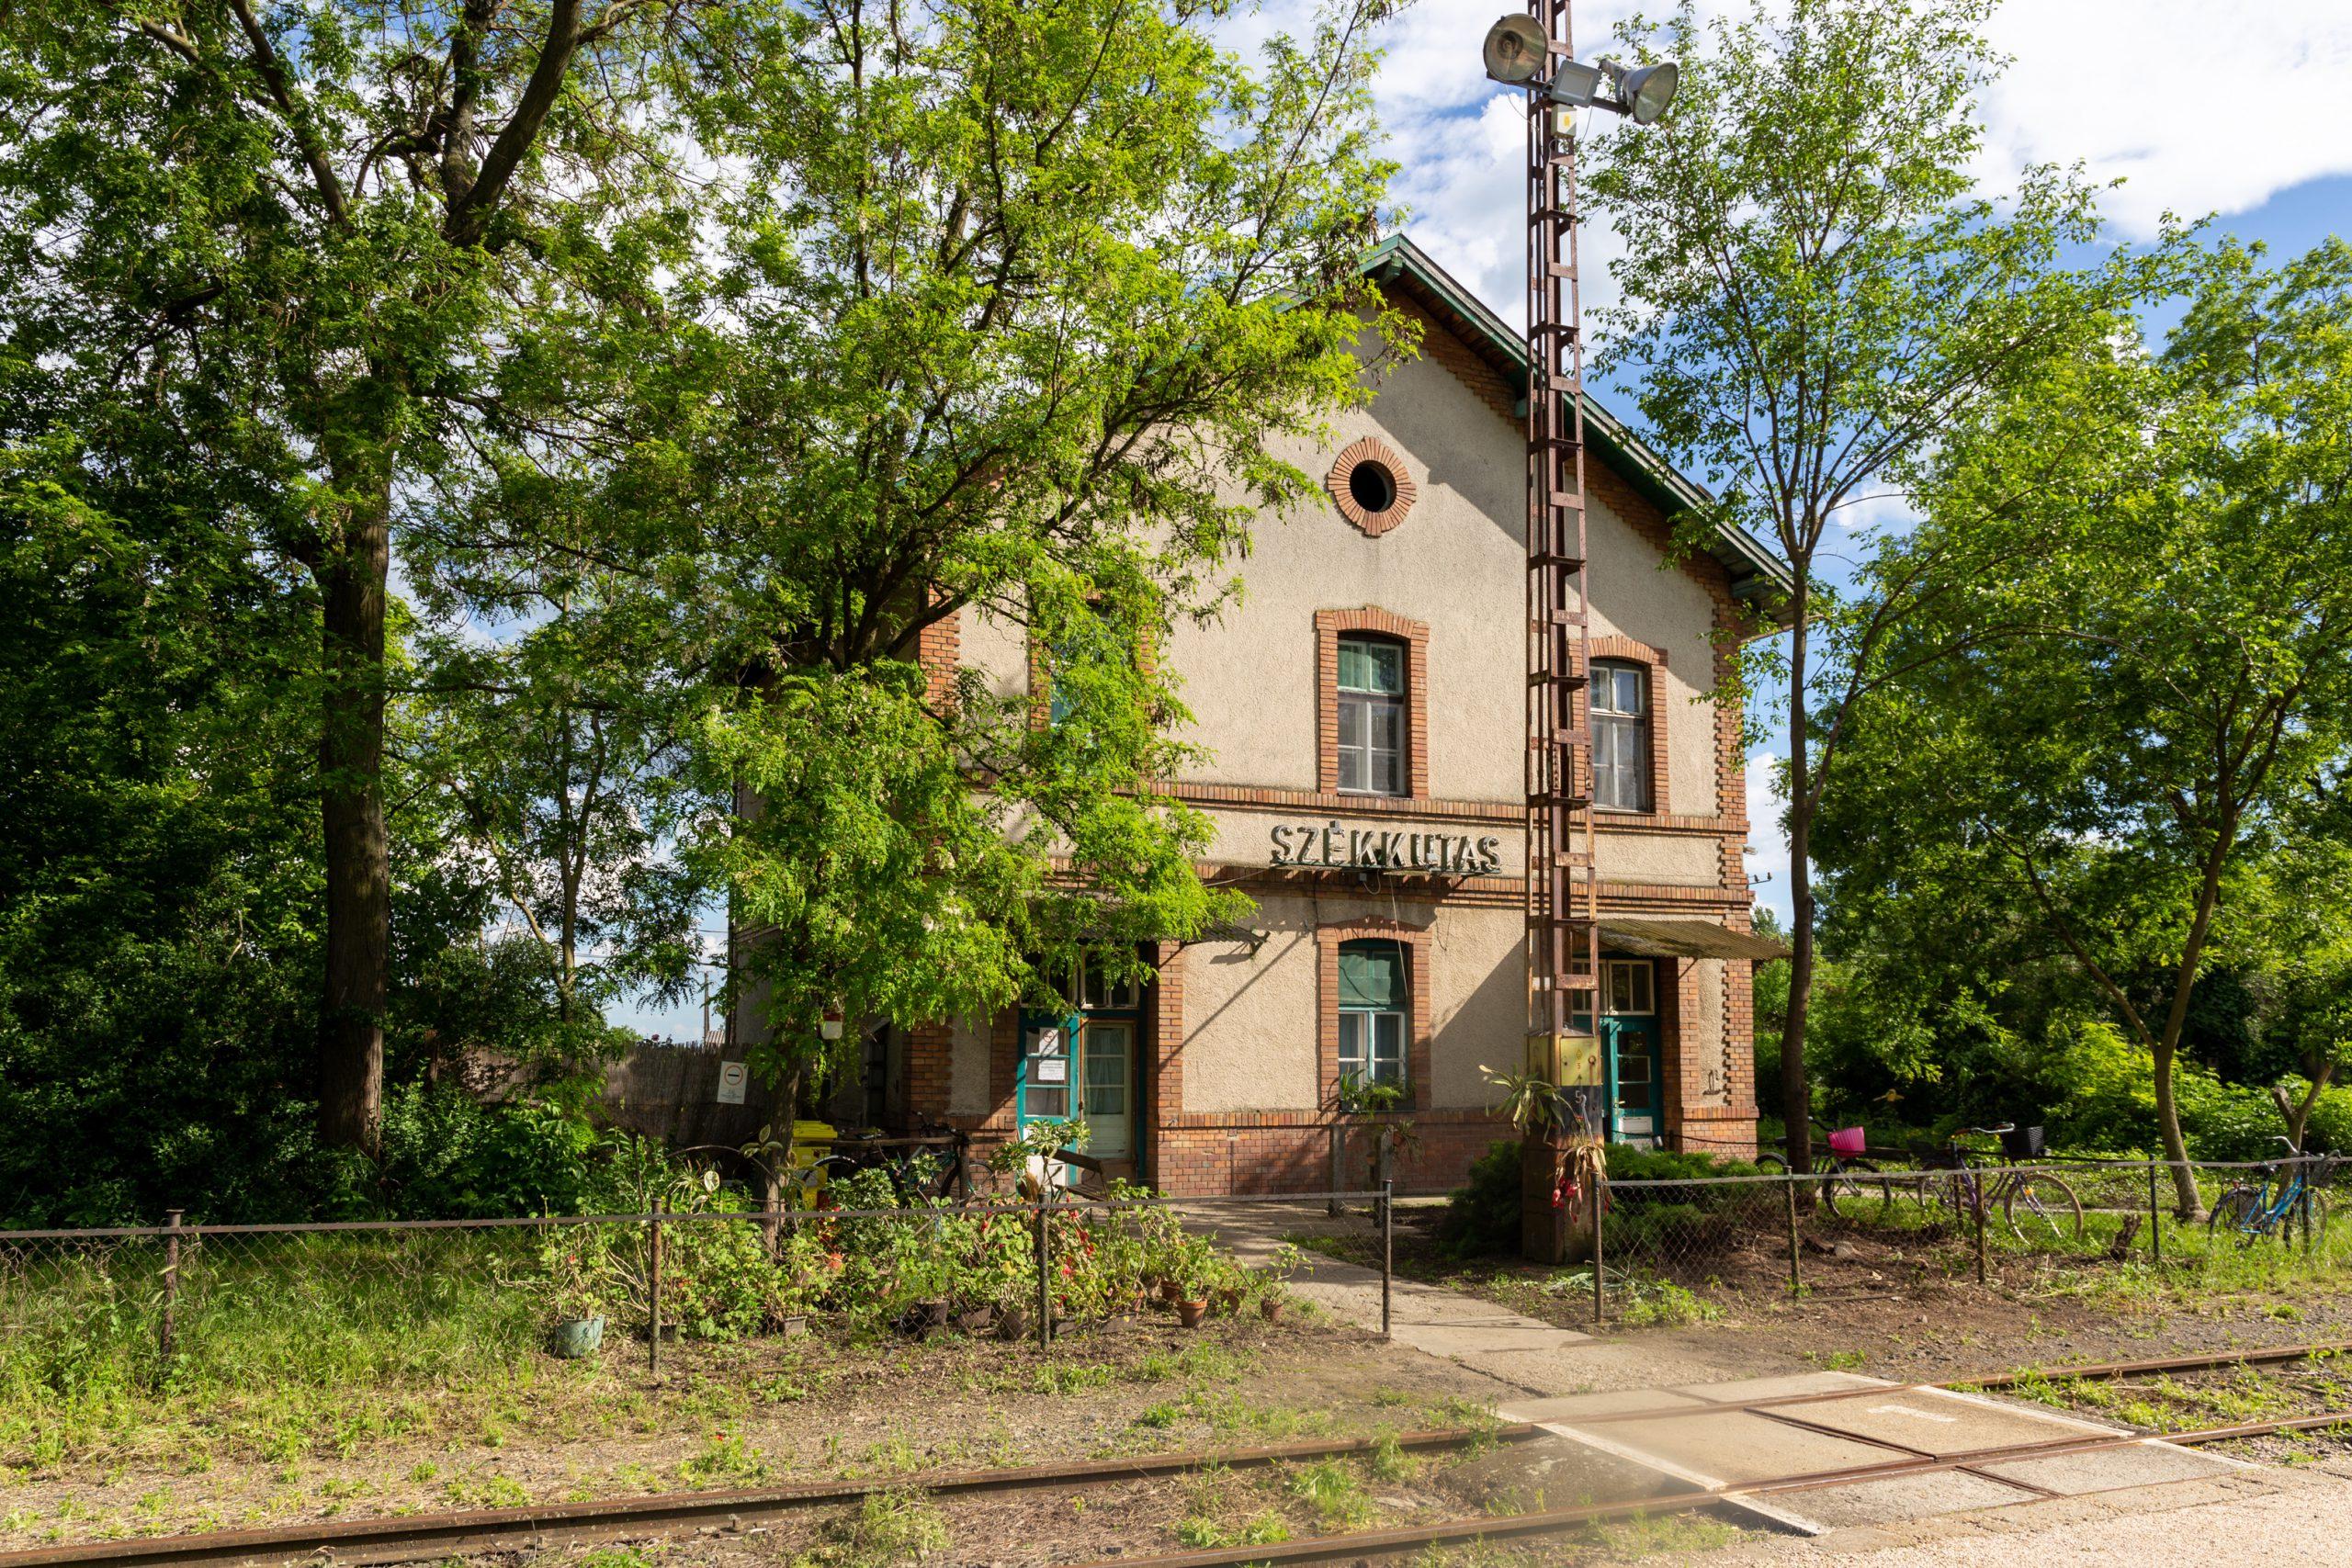 Bahnhof von Székkutas